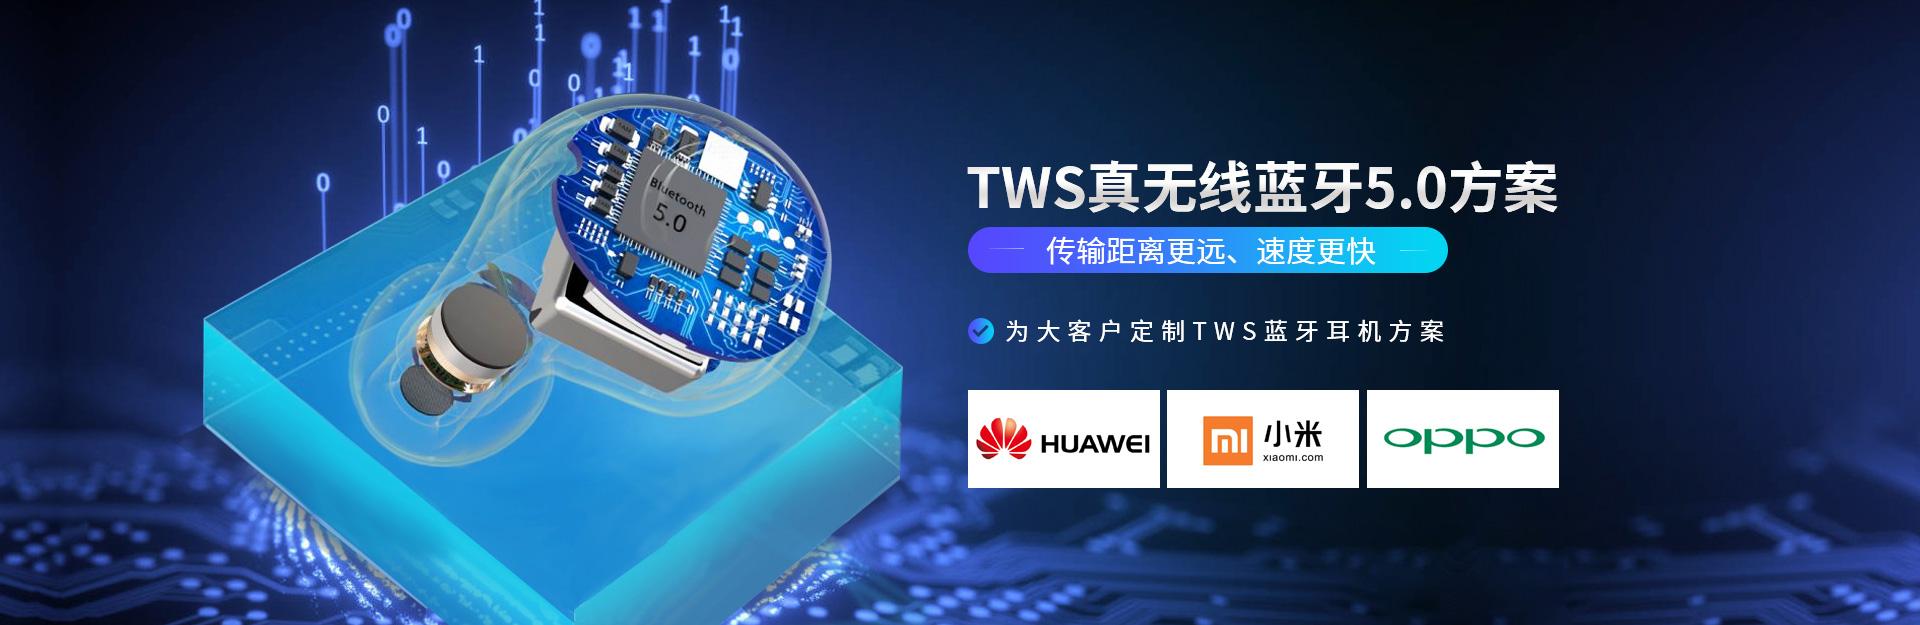 新世技术-TWS真无线蓝牙5.0方案